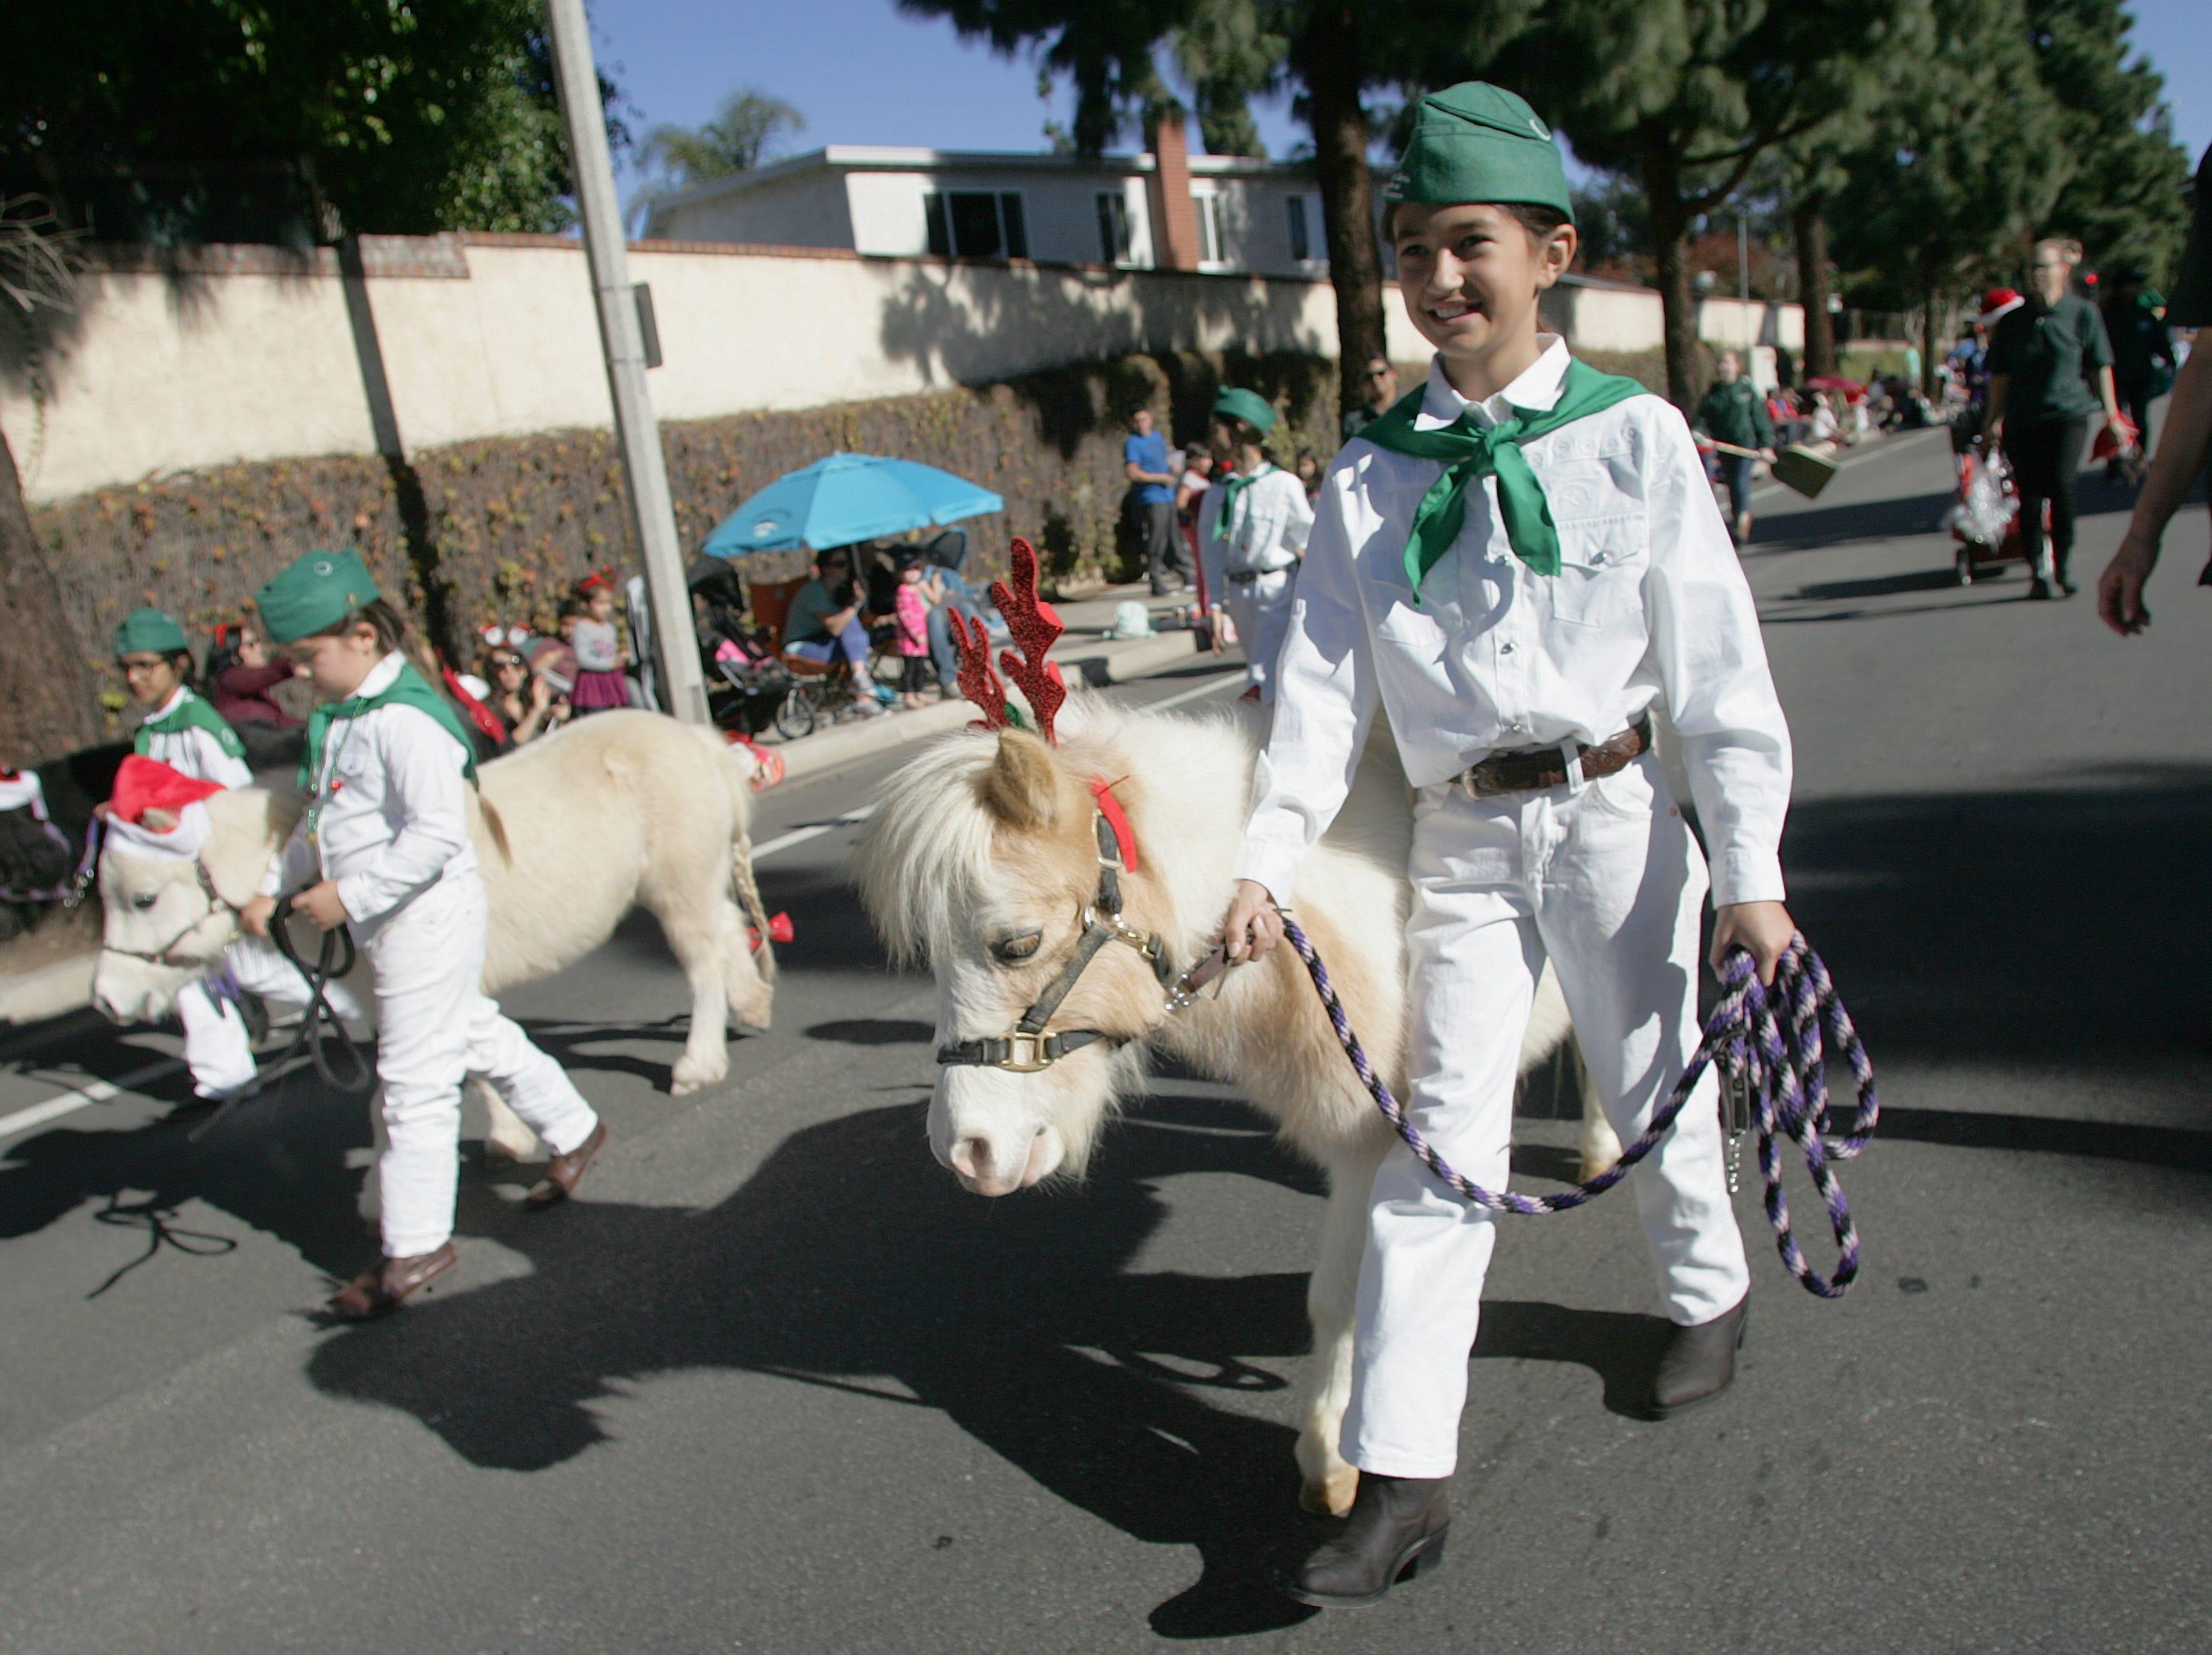 Layah Andrade, a 4-H member, walks with Hershey during Saturday's Camarillo Christmas parade.